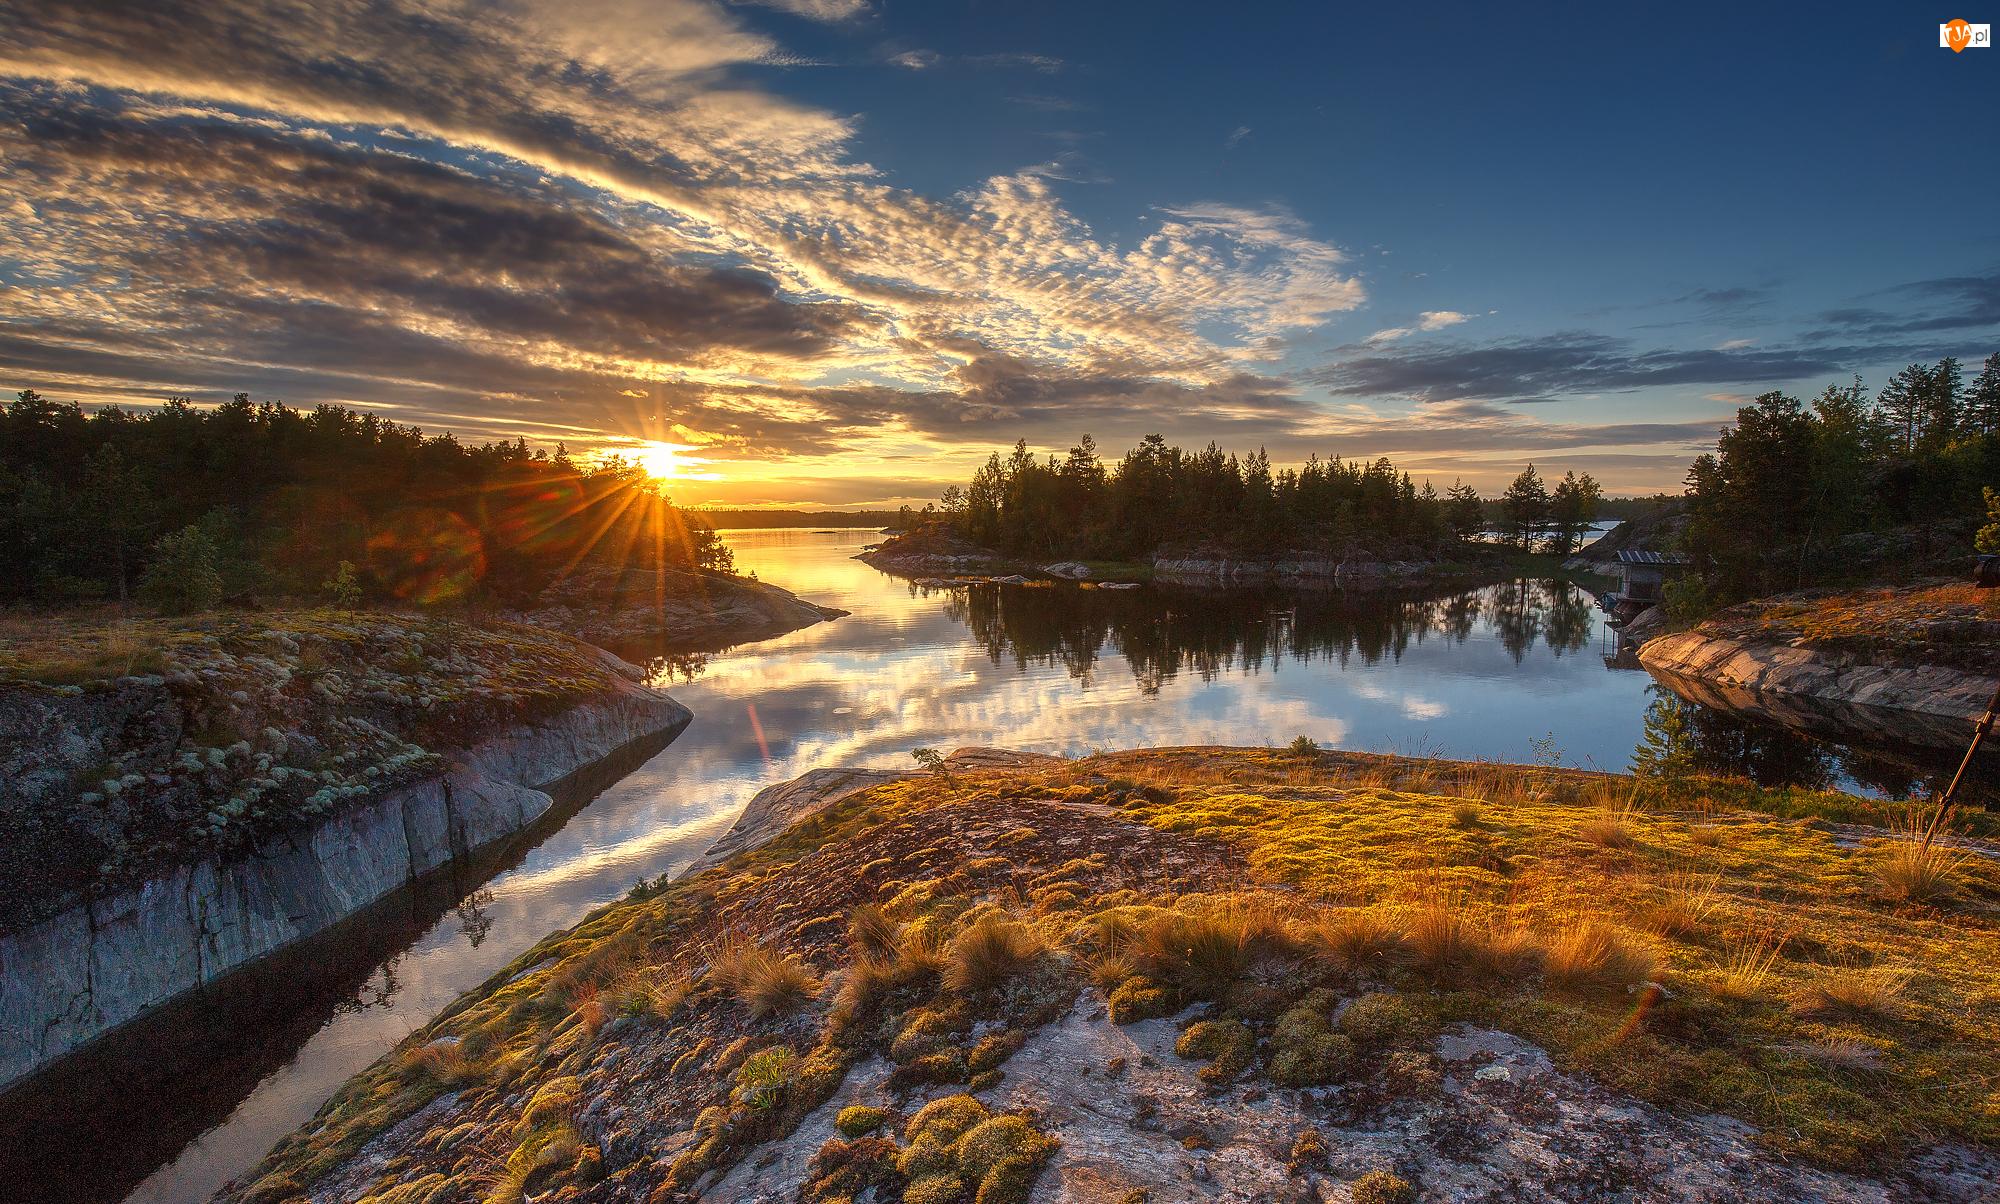 Jezioro Ładoga, Skały, Karelia, Drzewa, Rosja, Trawa, Obwód leningradzki, Zachód słońca